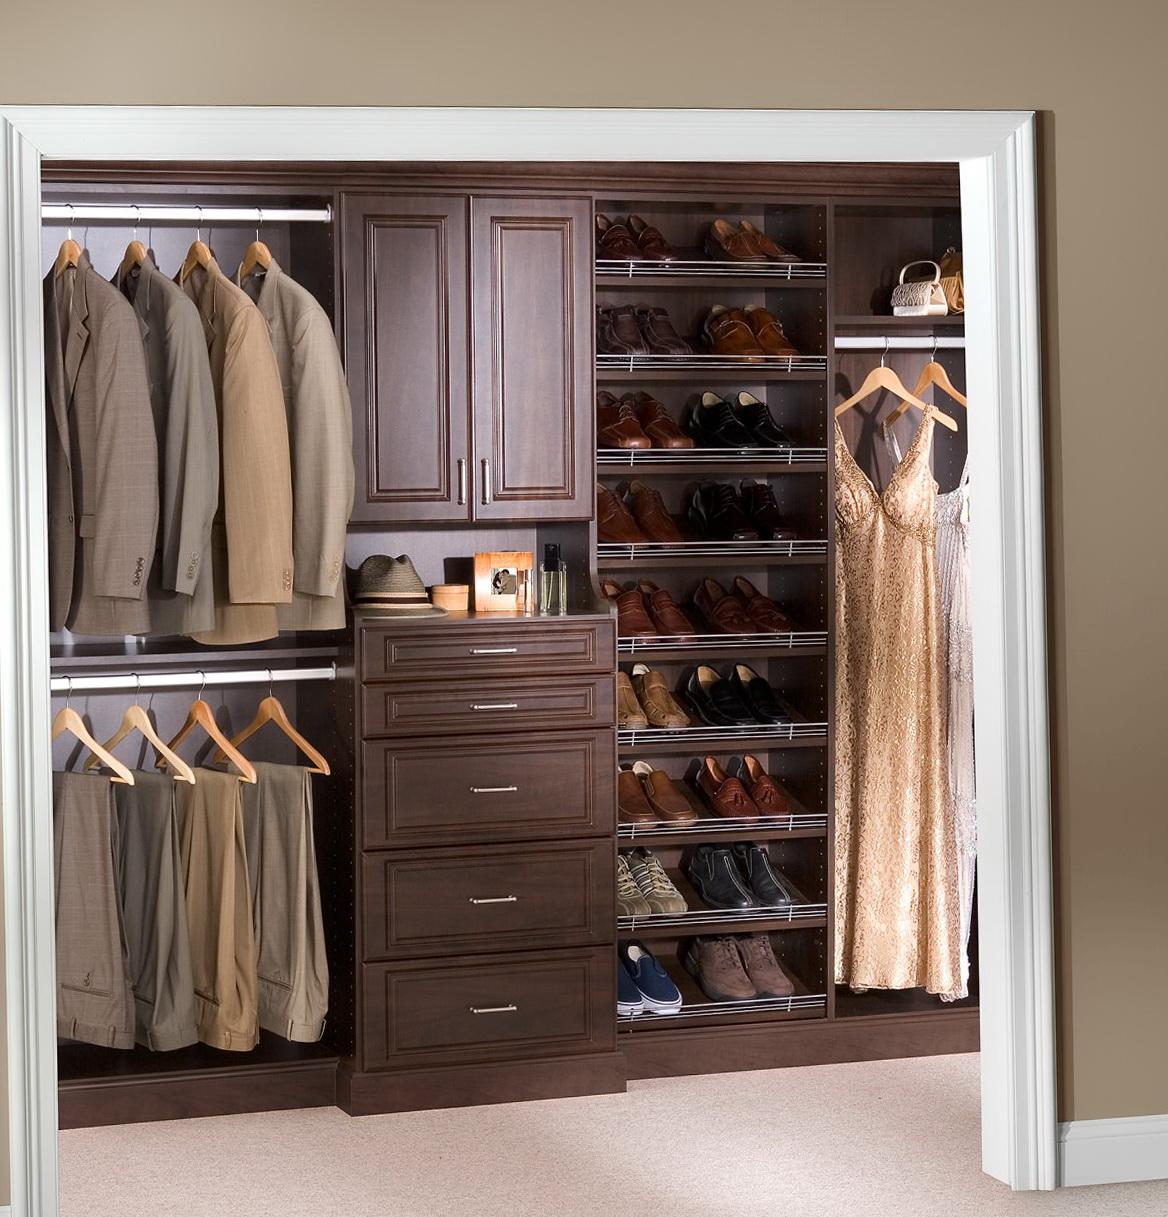 Closet Organizer Ideas Pictures